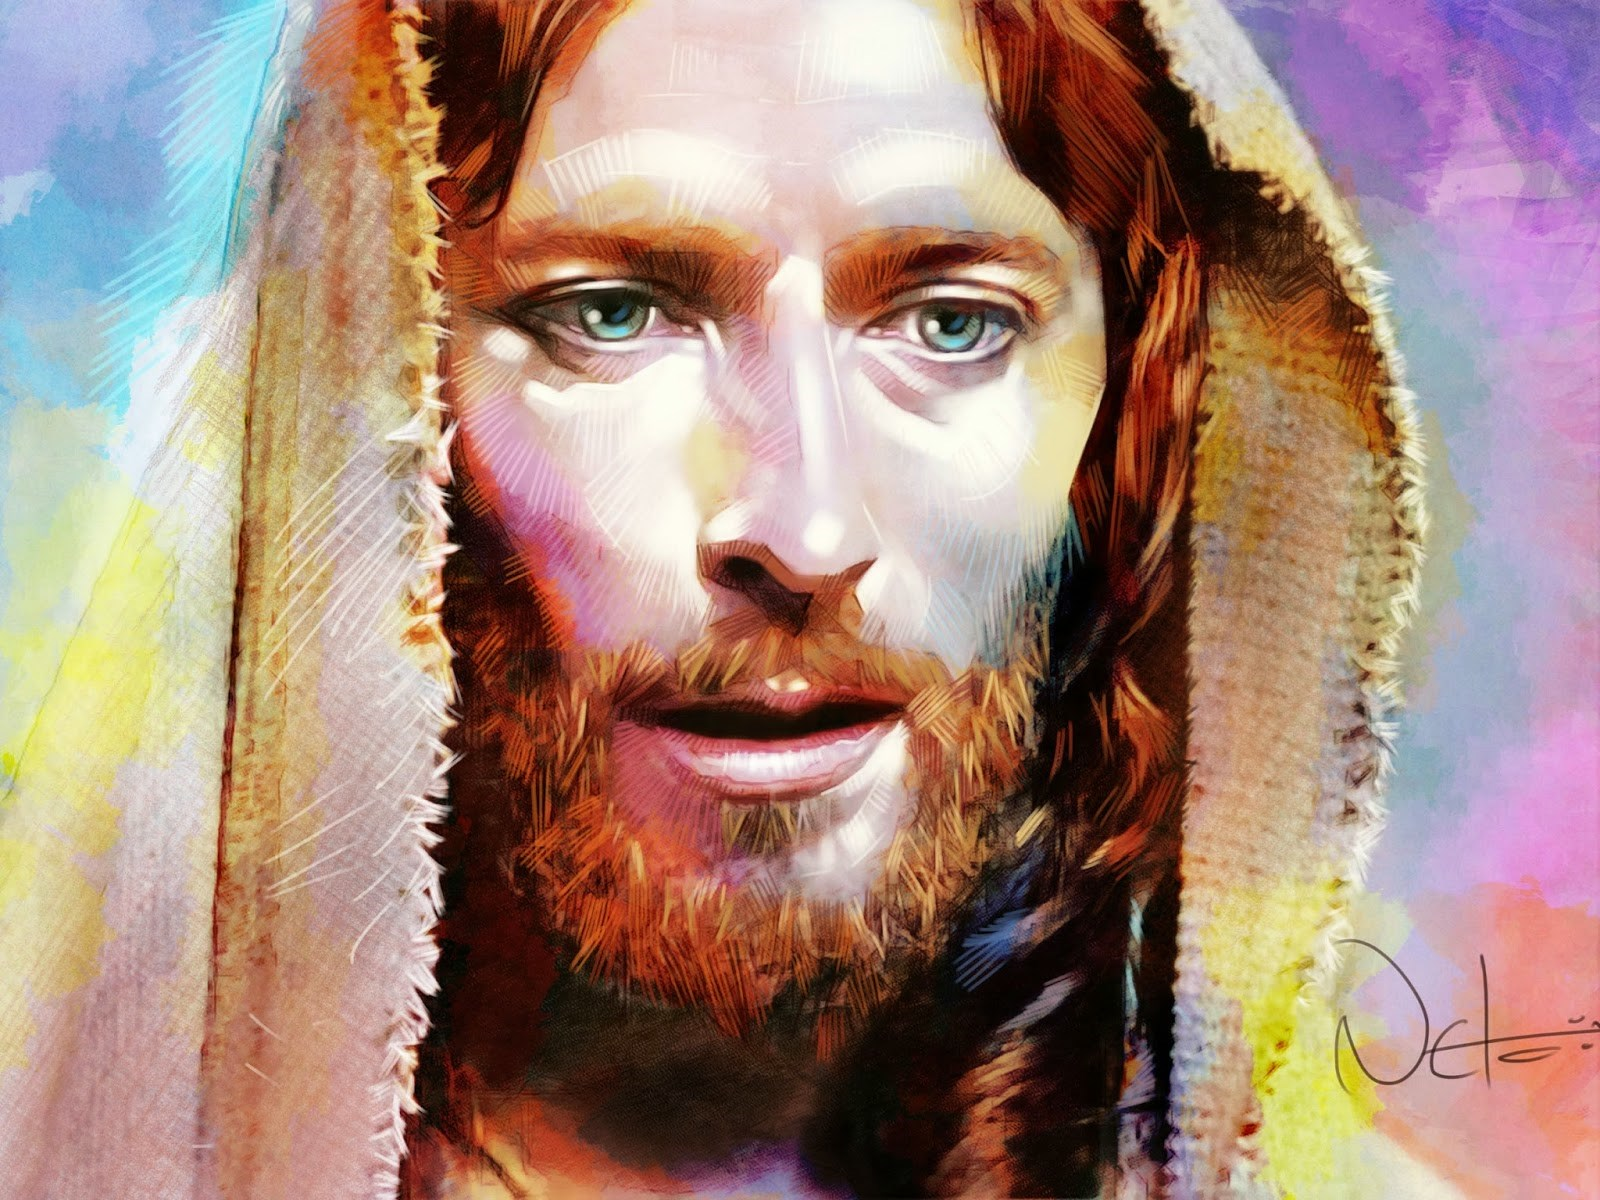 imagen de jesus - HD1600×1200